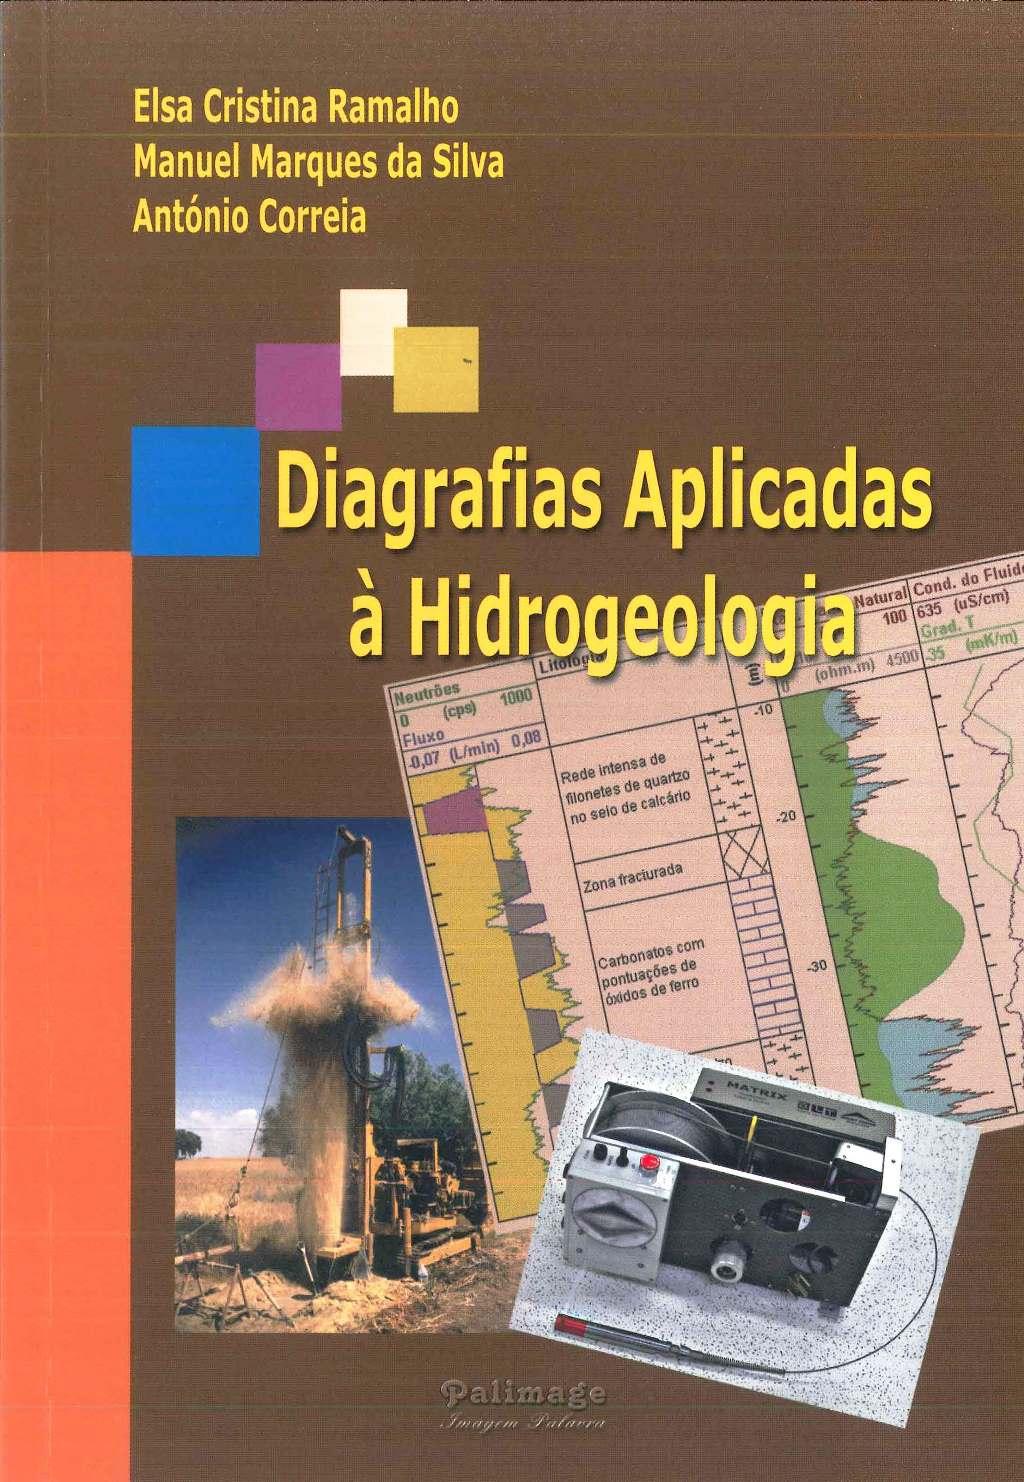 Diagrafias aplicadas à Hidrogeologia